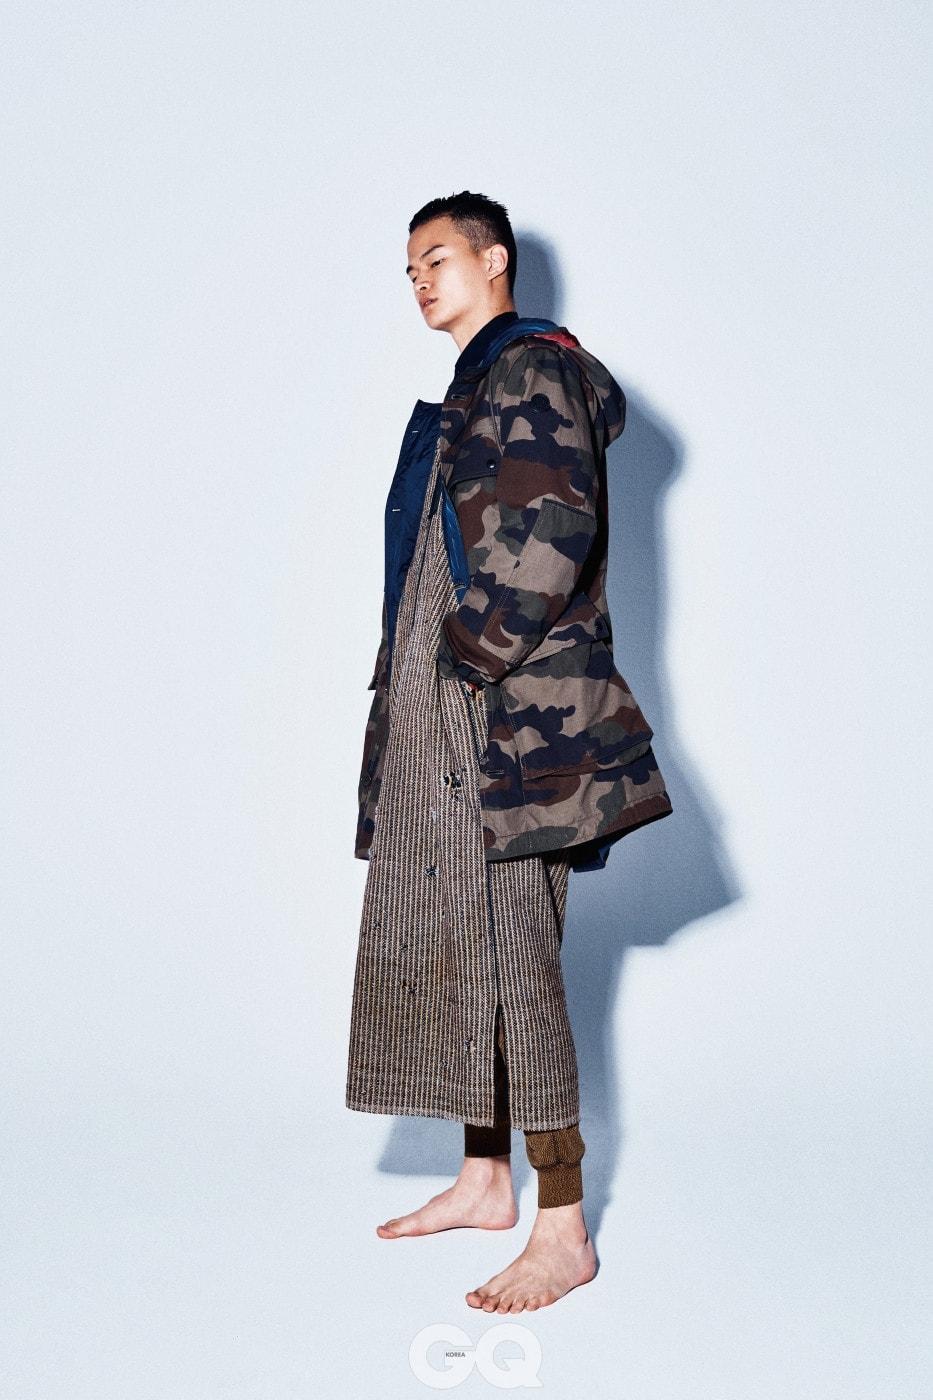 카무플라주 리버시블 재킷 가격 미정, 몽클레르. 셔츠 가격 미정, 디올 옴므. 팬츠 가격 미정, 프라다. 모로코 전통 군복은 에디터의 것.